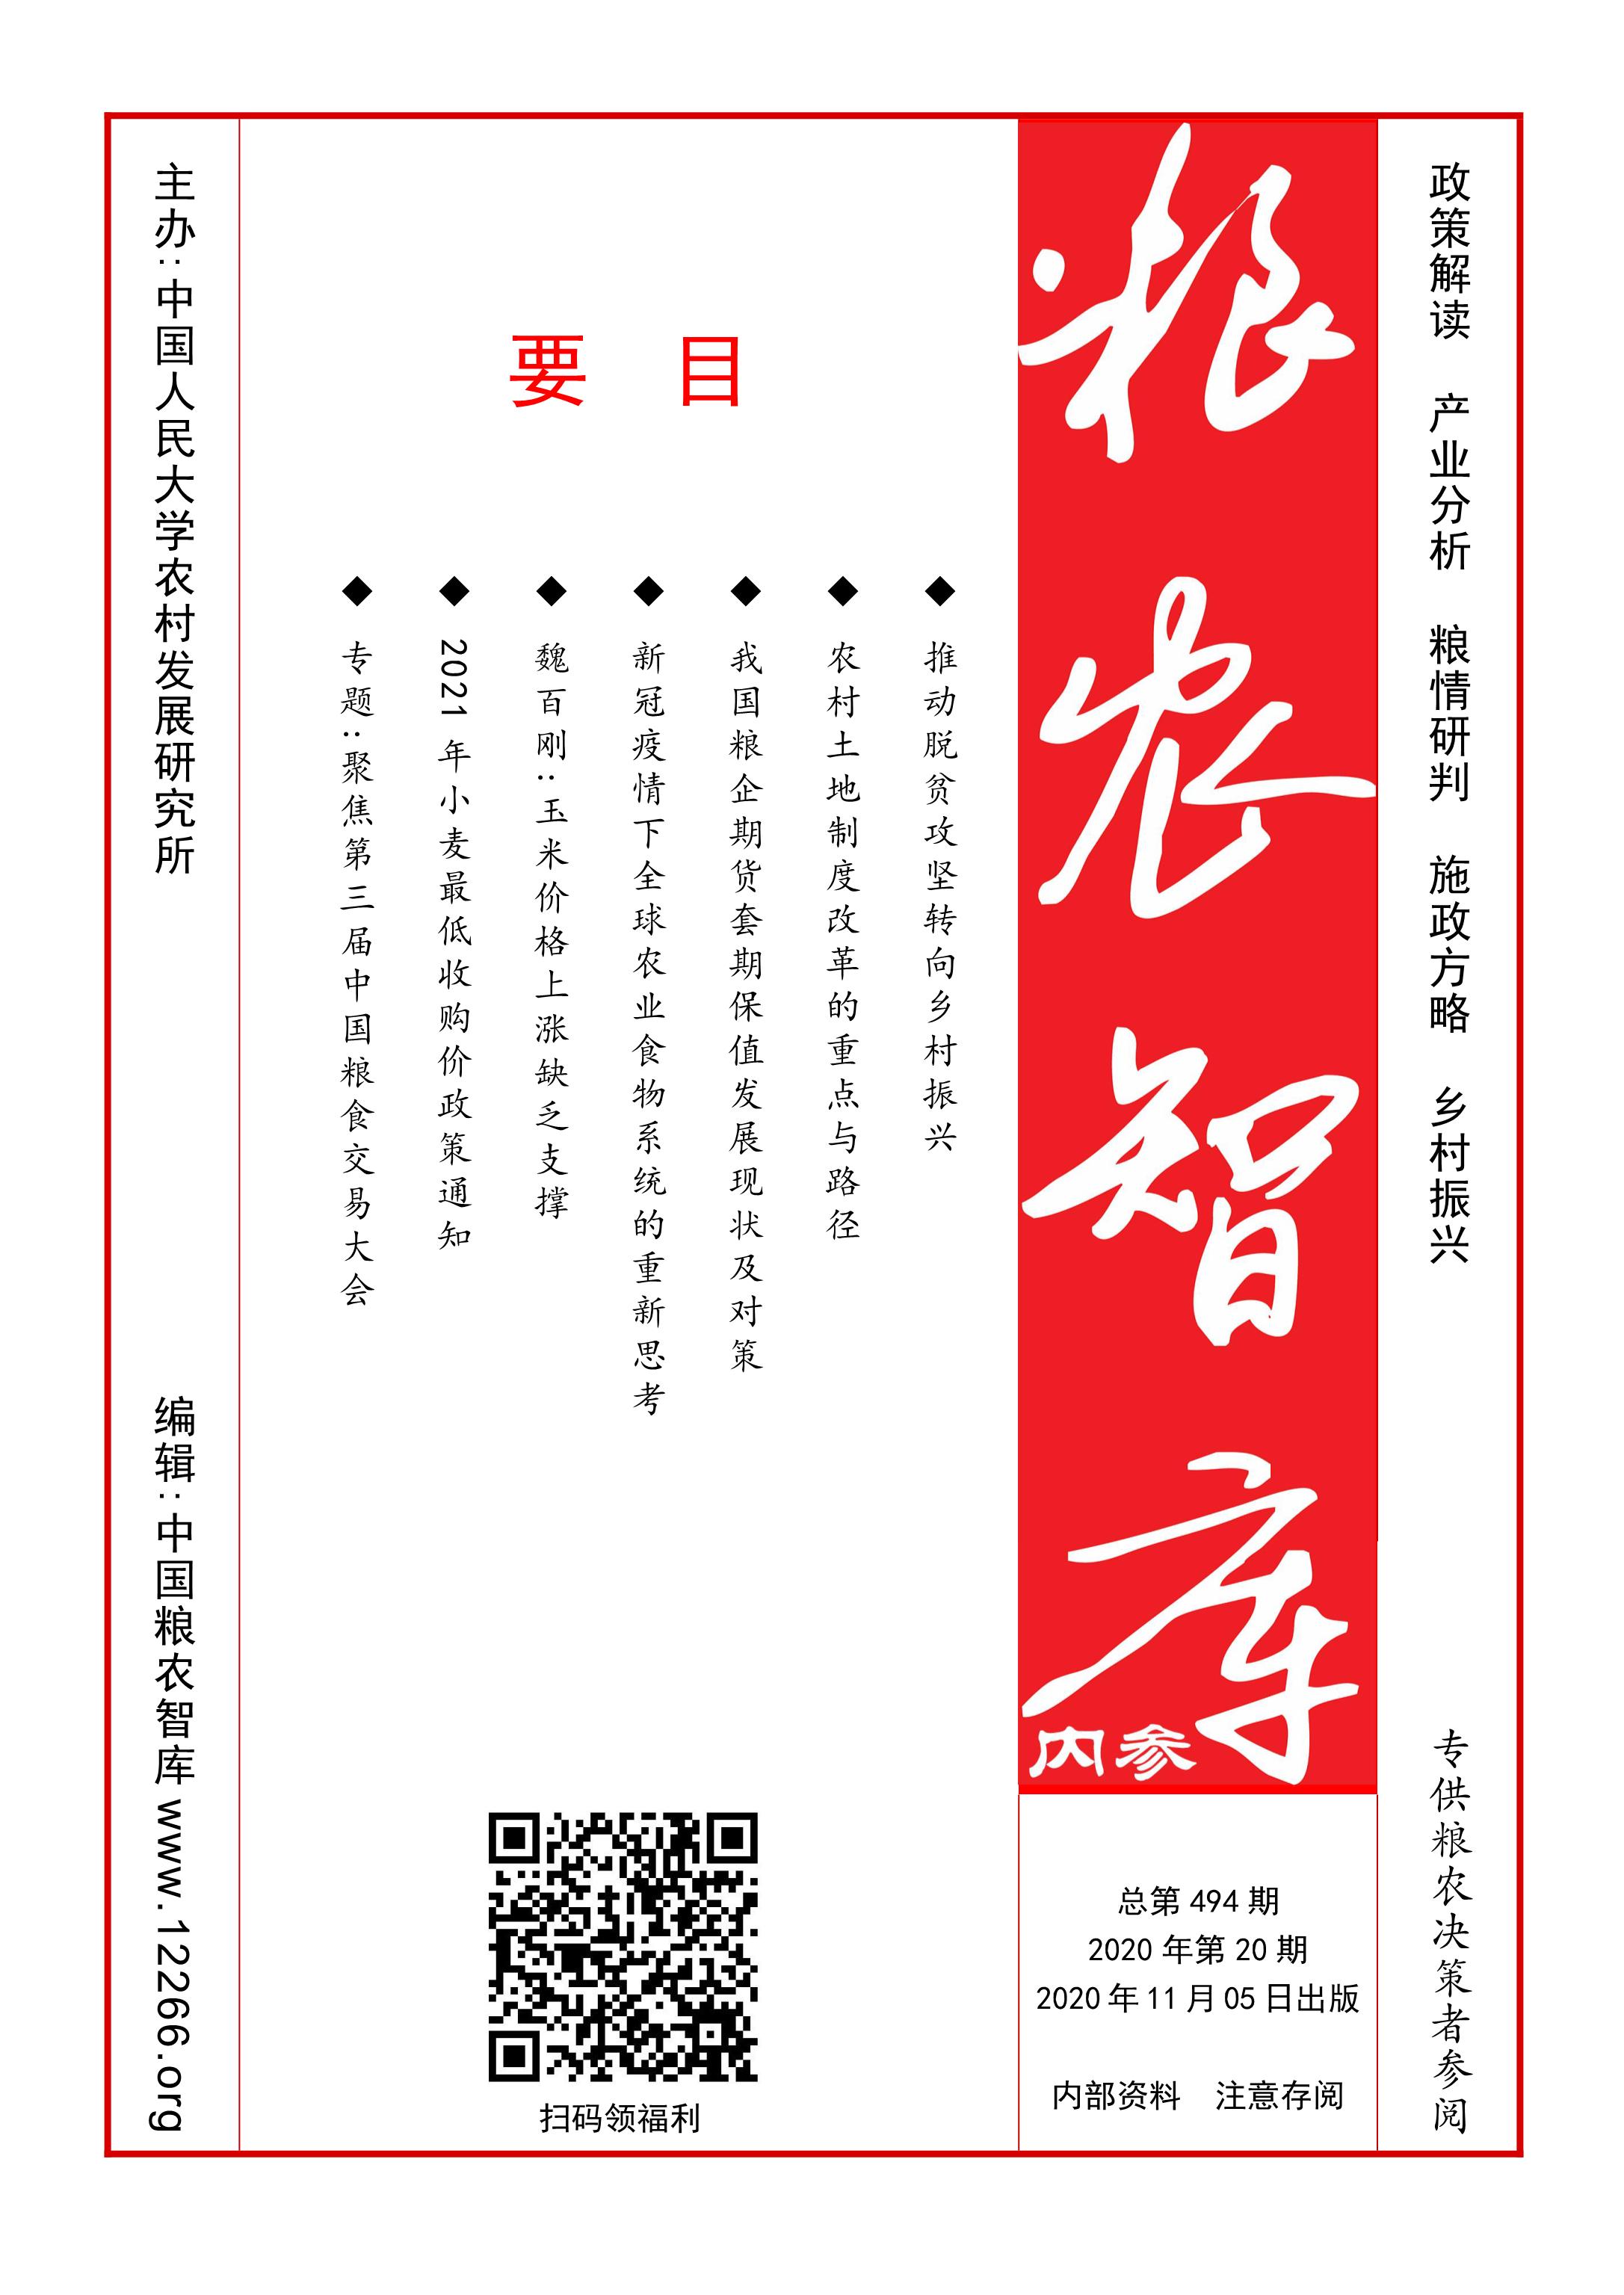 粮农智库2020.png